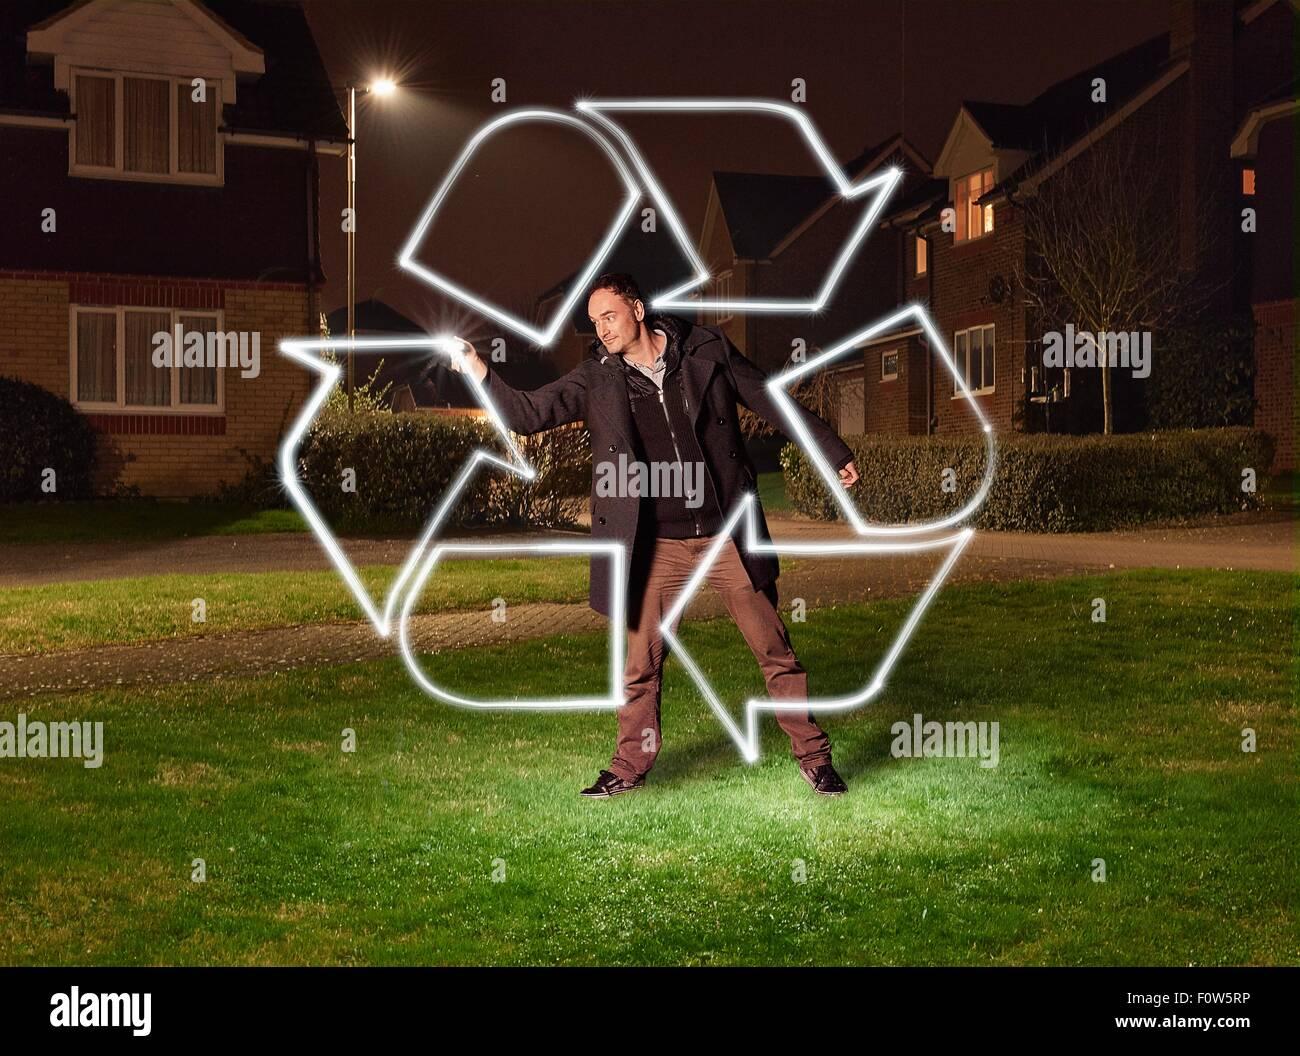 Luz artista pintar un símbolo de reciclaje en el parque Imagen De Stock